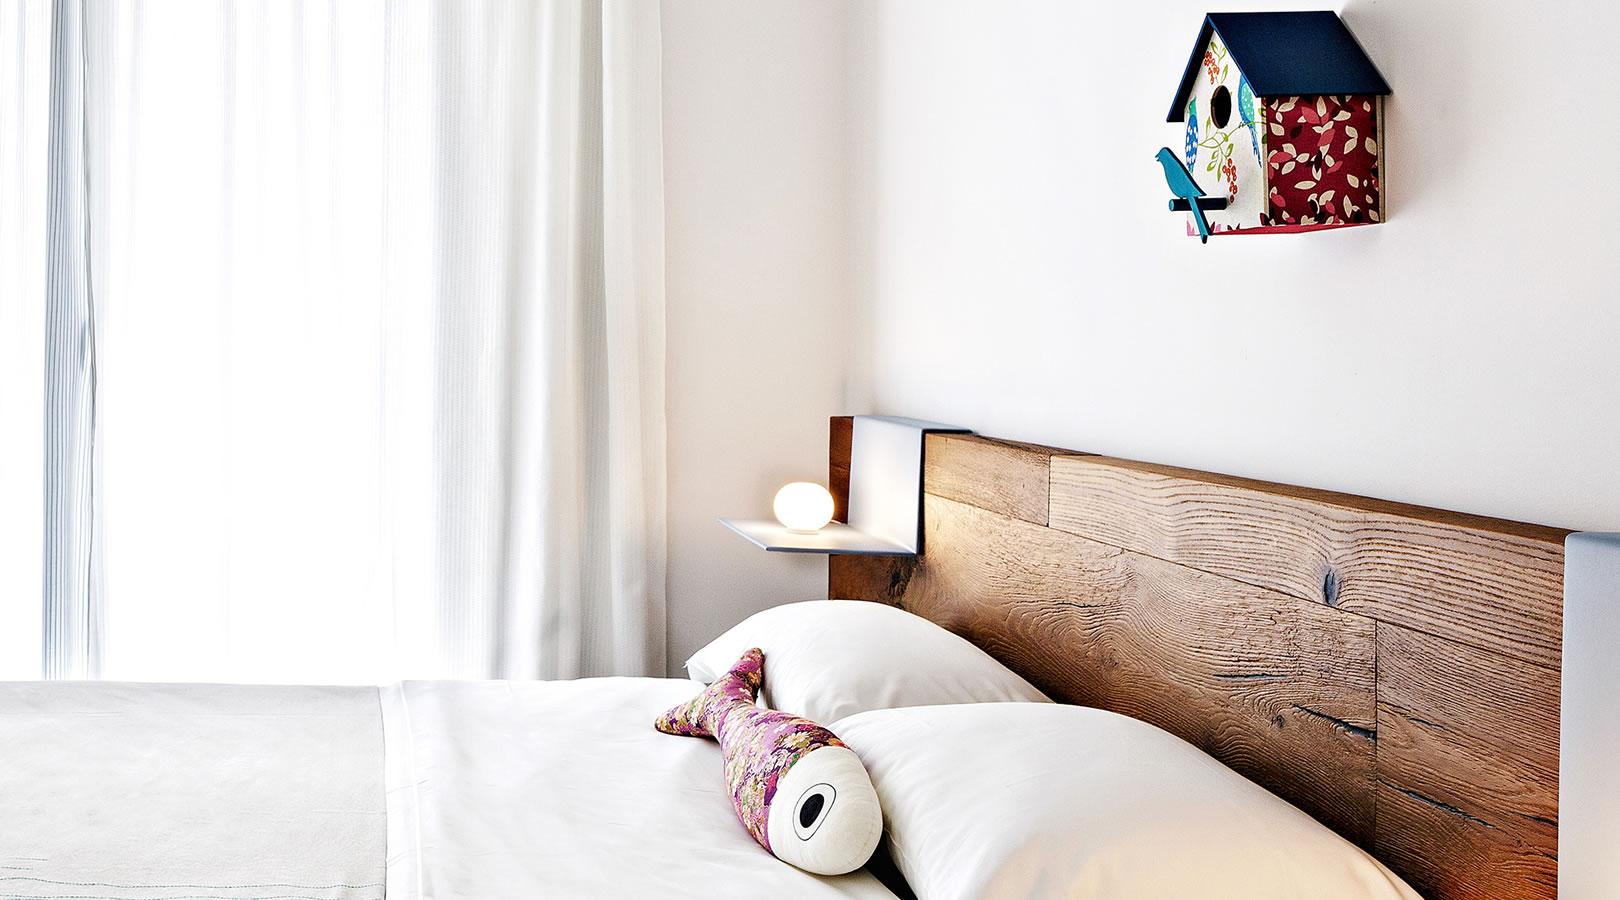 gruppo-felix-hotels-porto-san-paolo-sardegna14